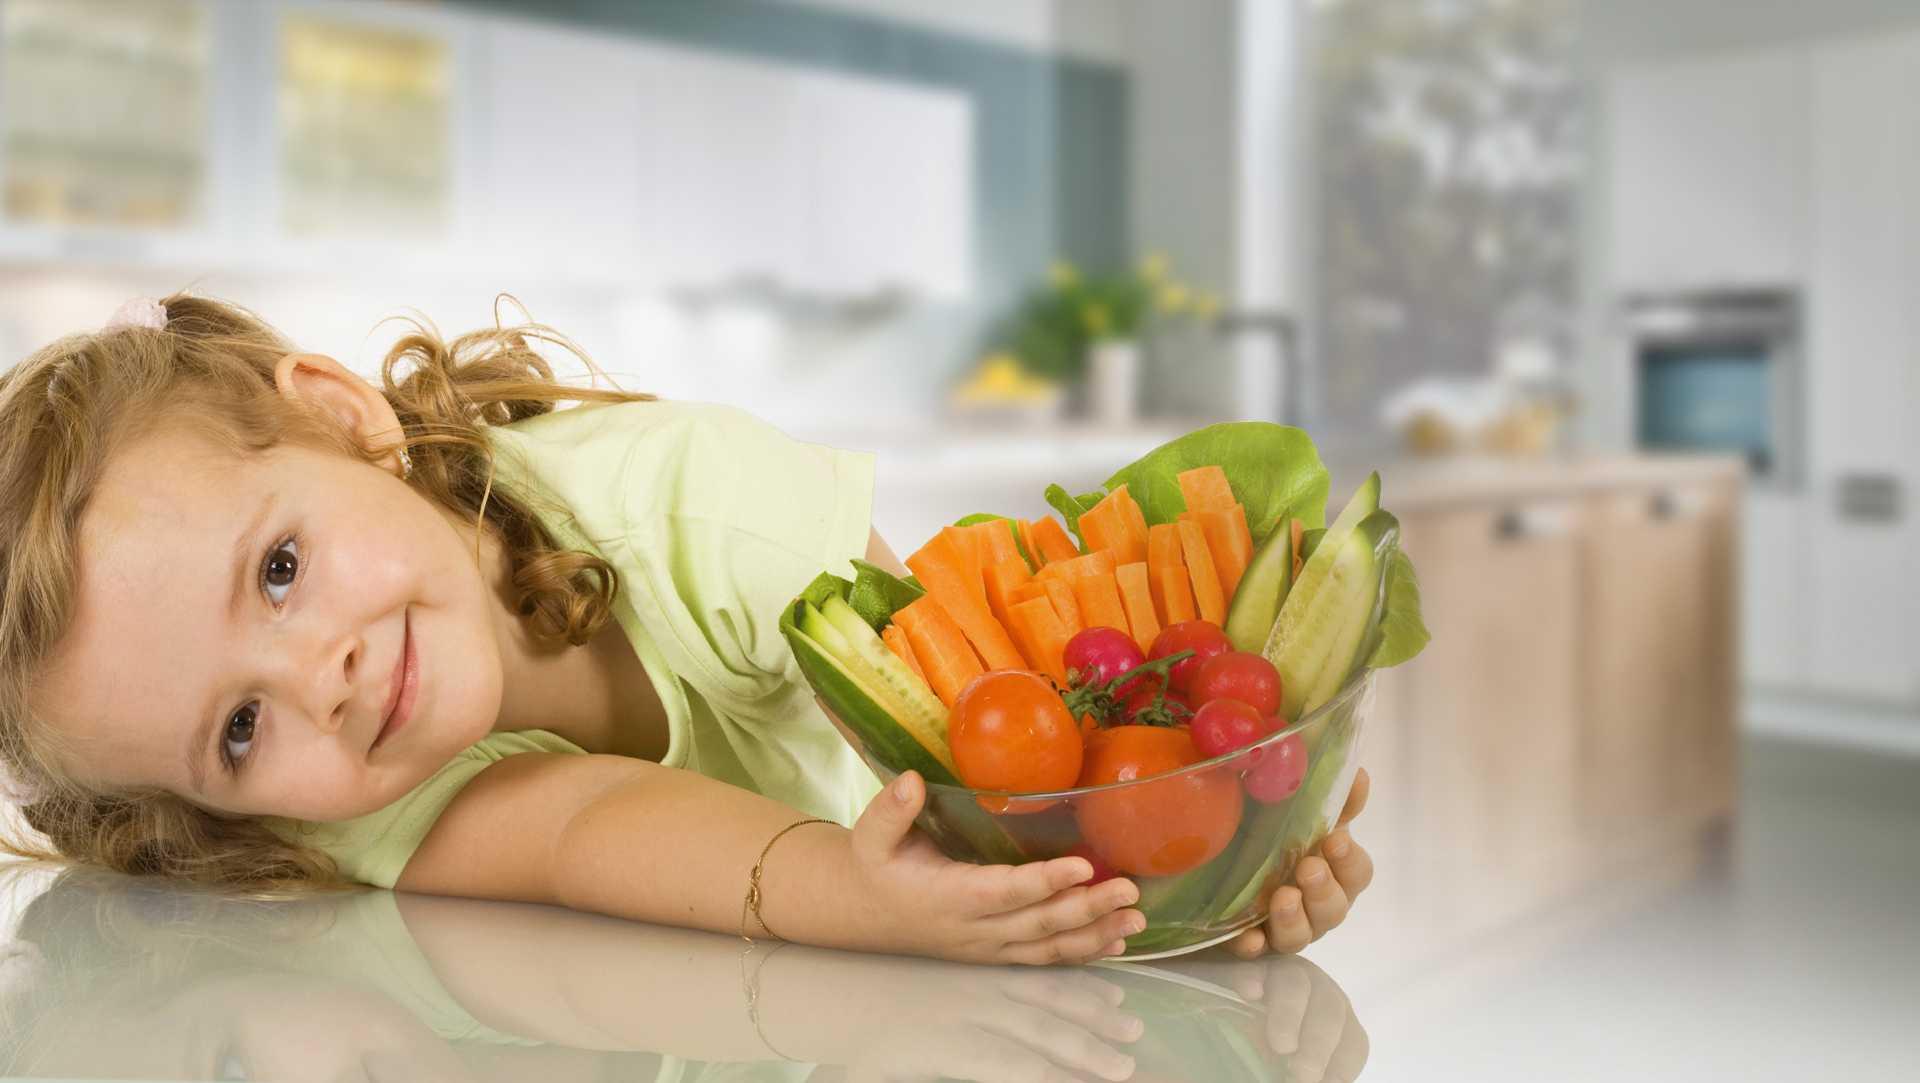 девочка пиалу вазу с овощами